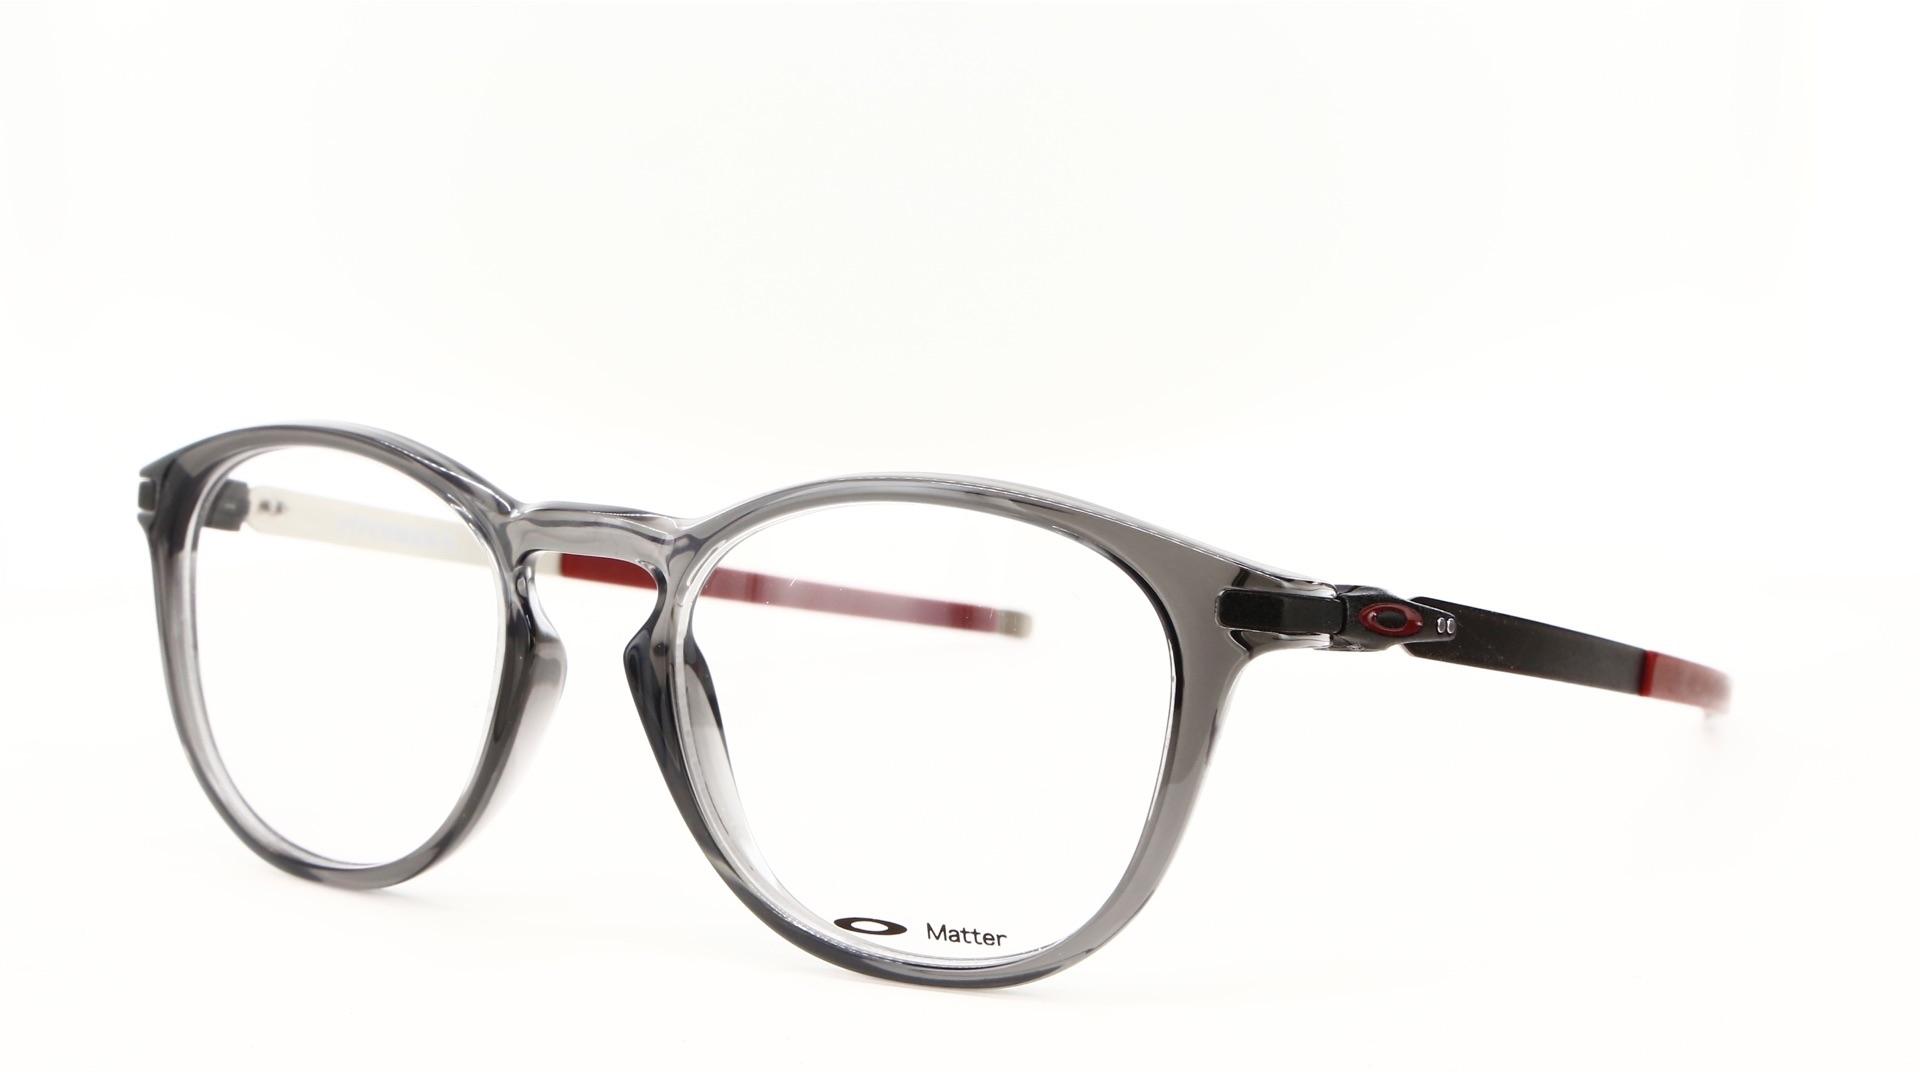 Oakley - ref: 76193